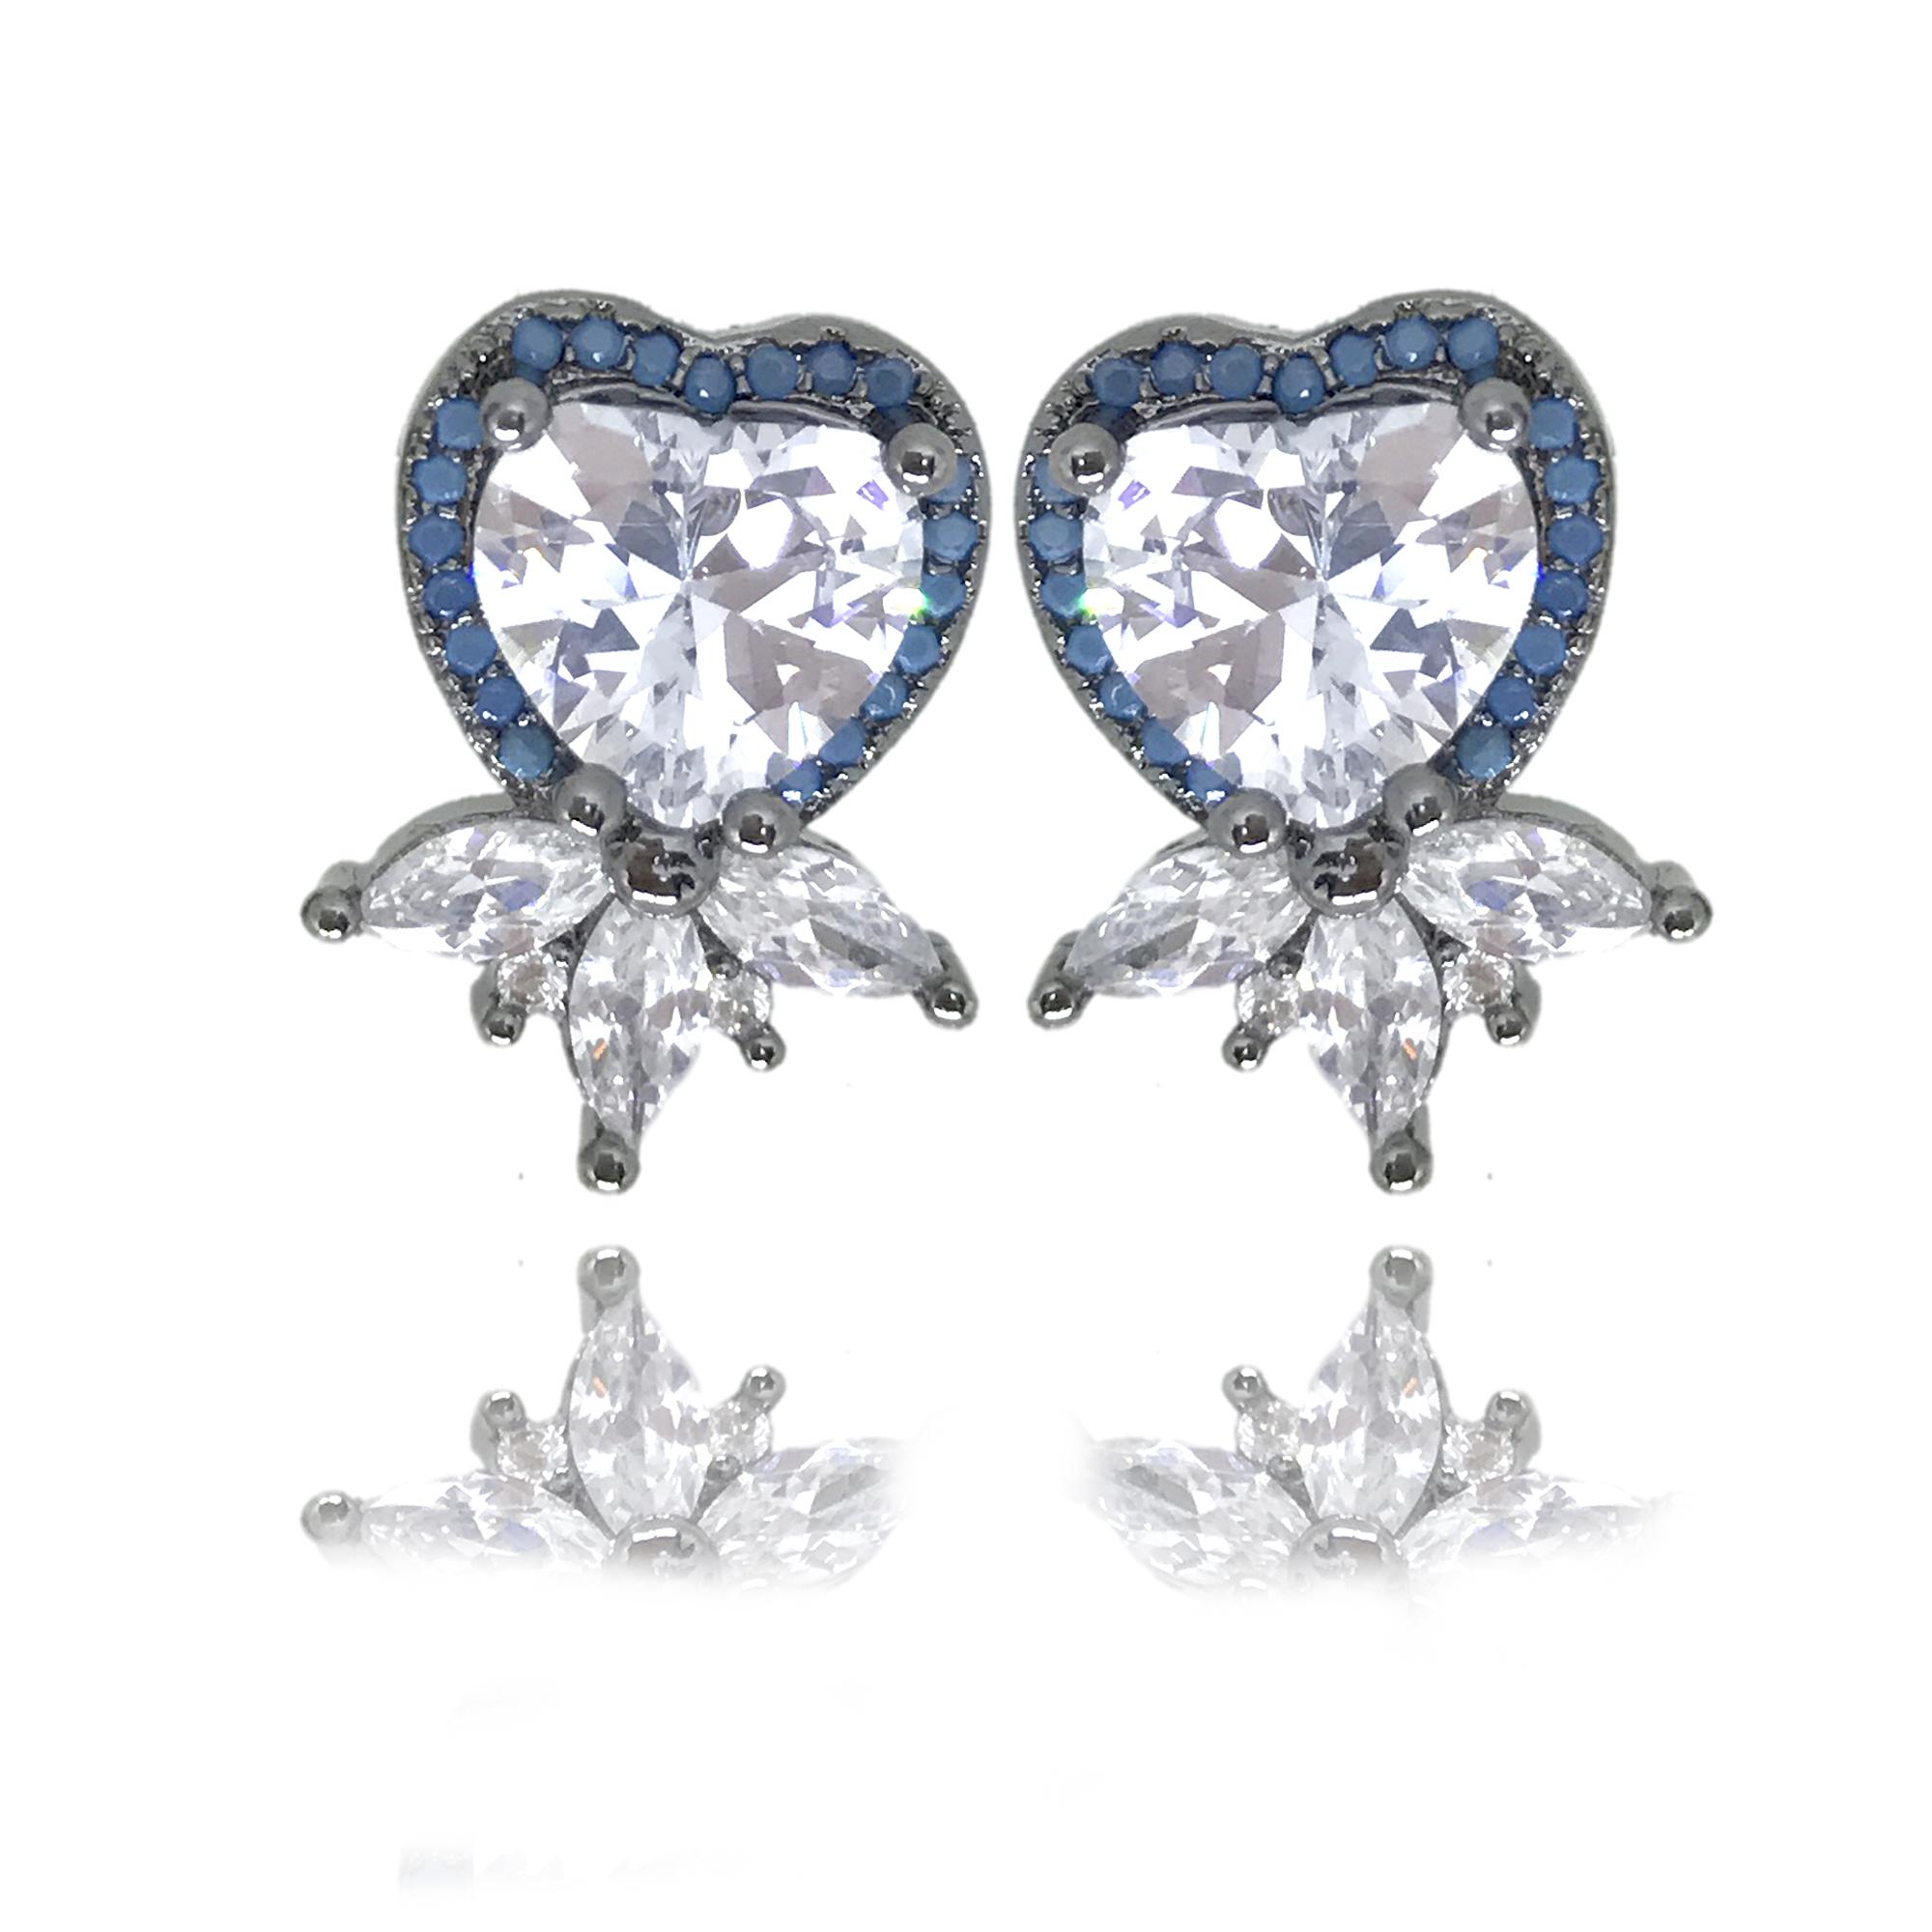 Brinco em formato de coração cravejado em zircônia azul turquesa e branca folheado no ródio negro